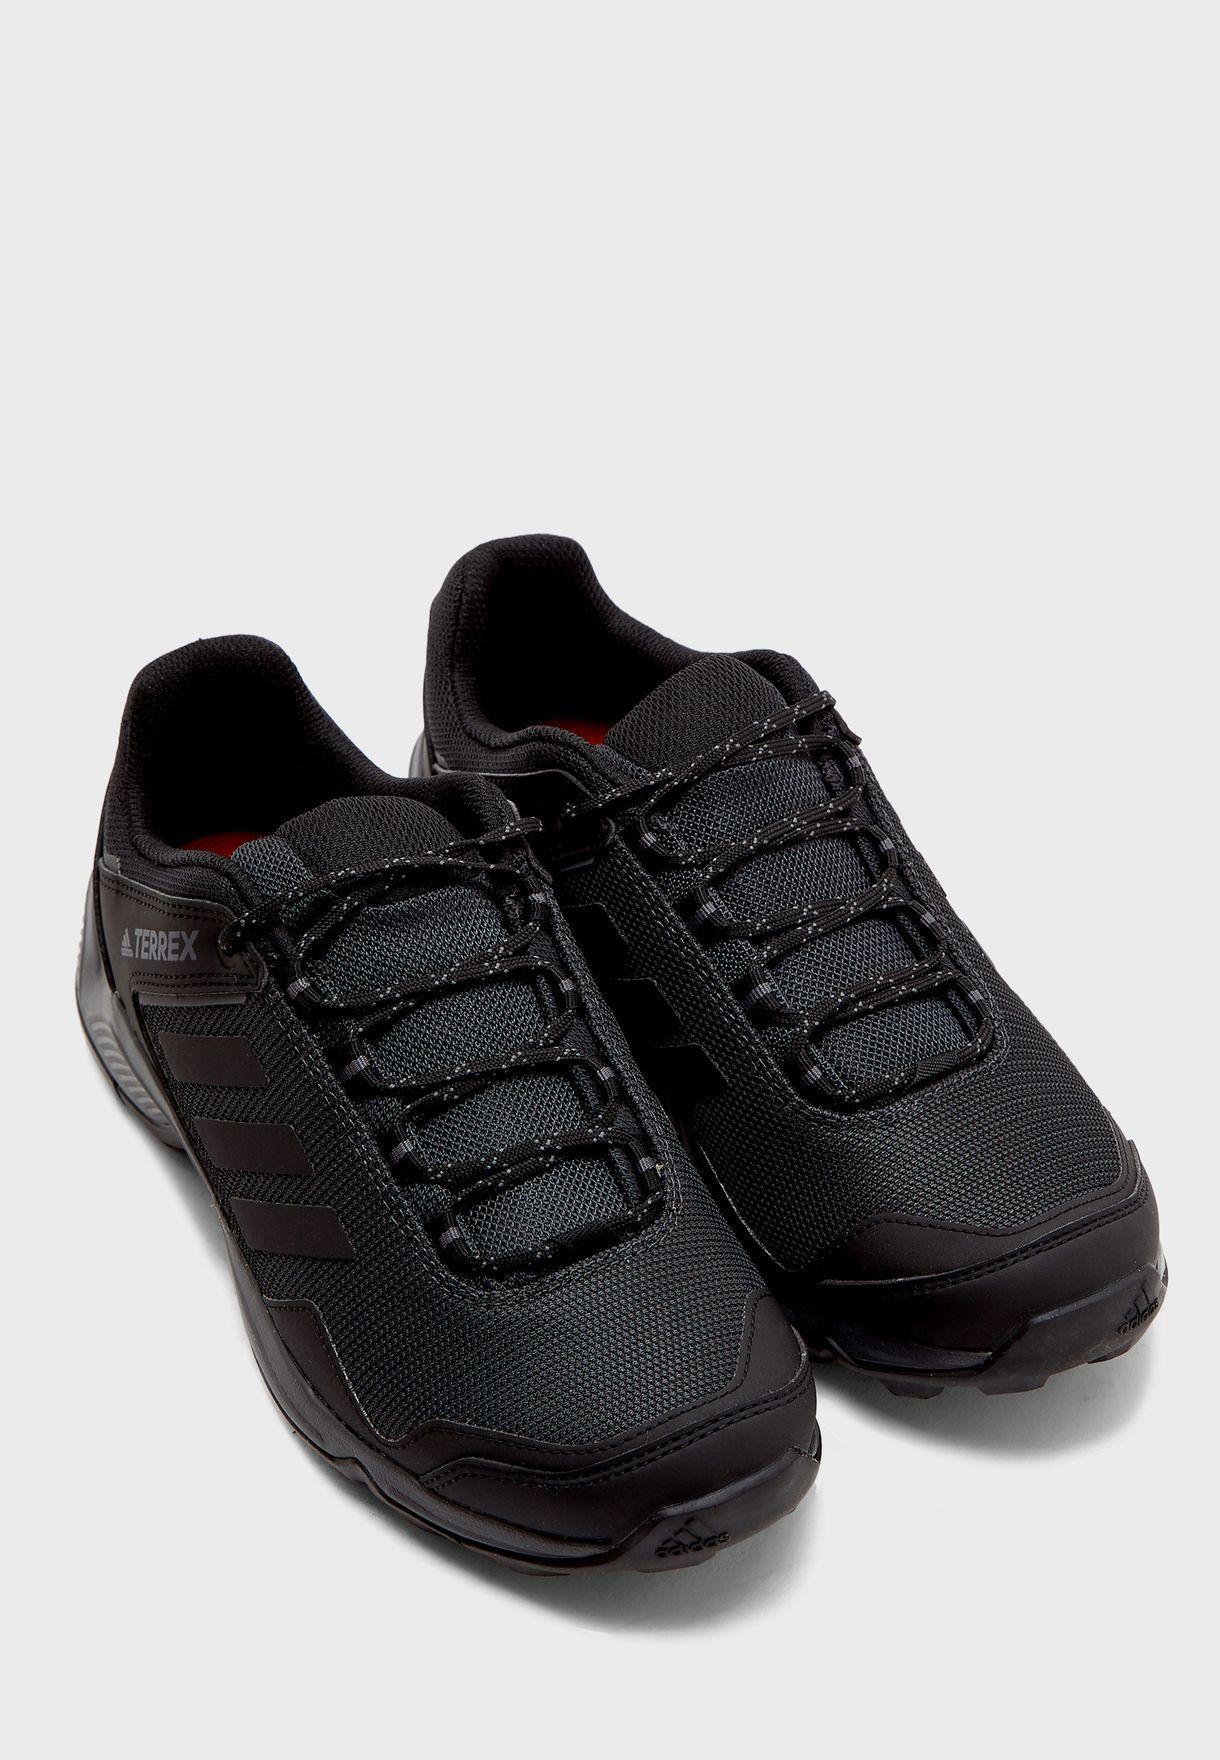 حذاء تيريكس ايست ريل